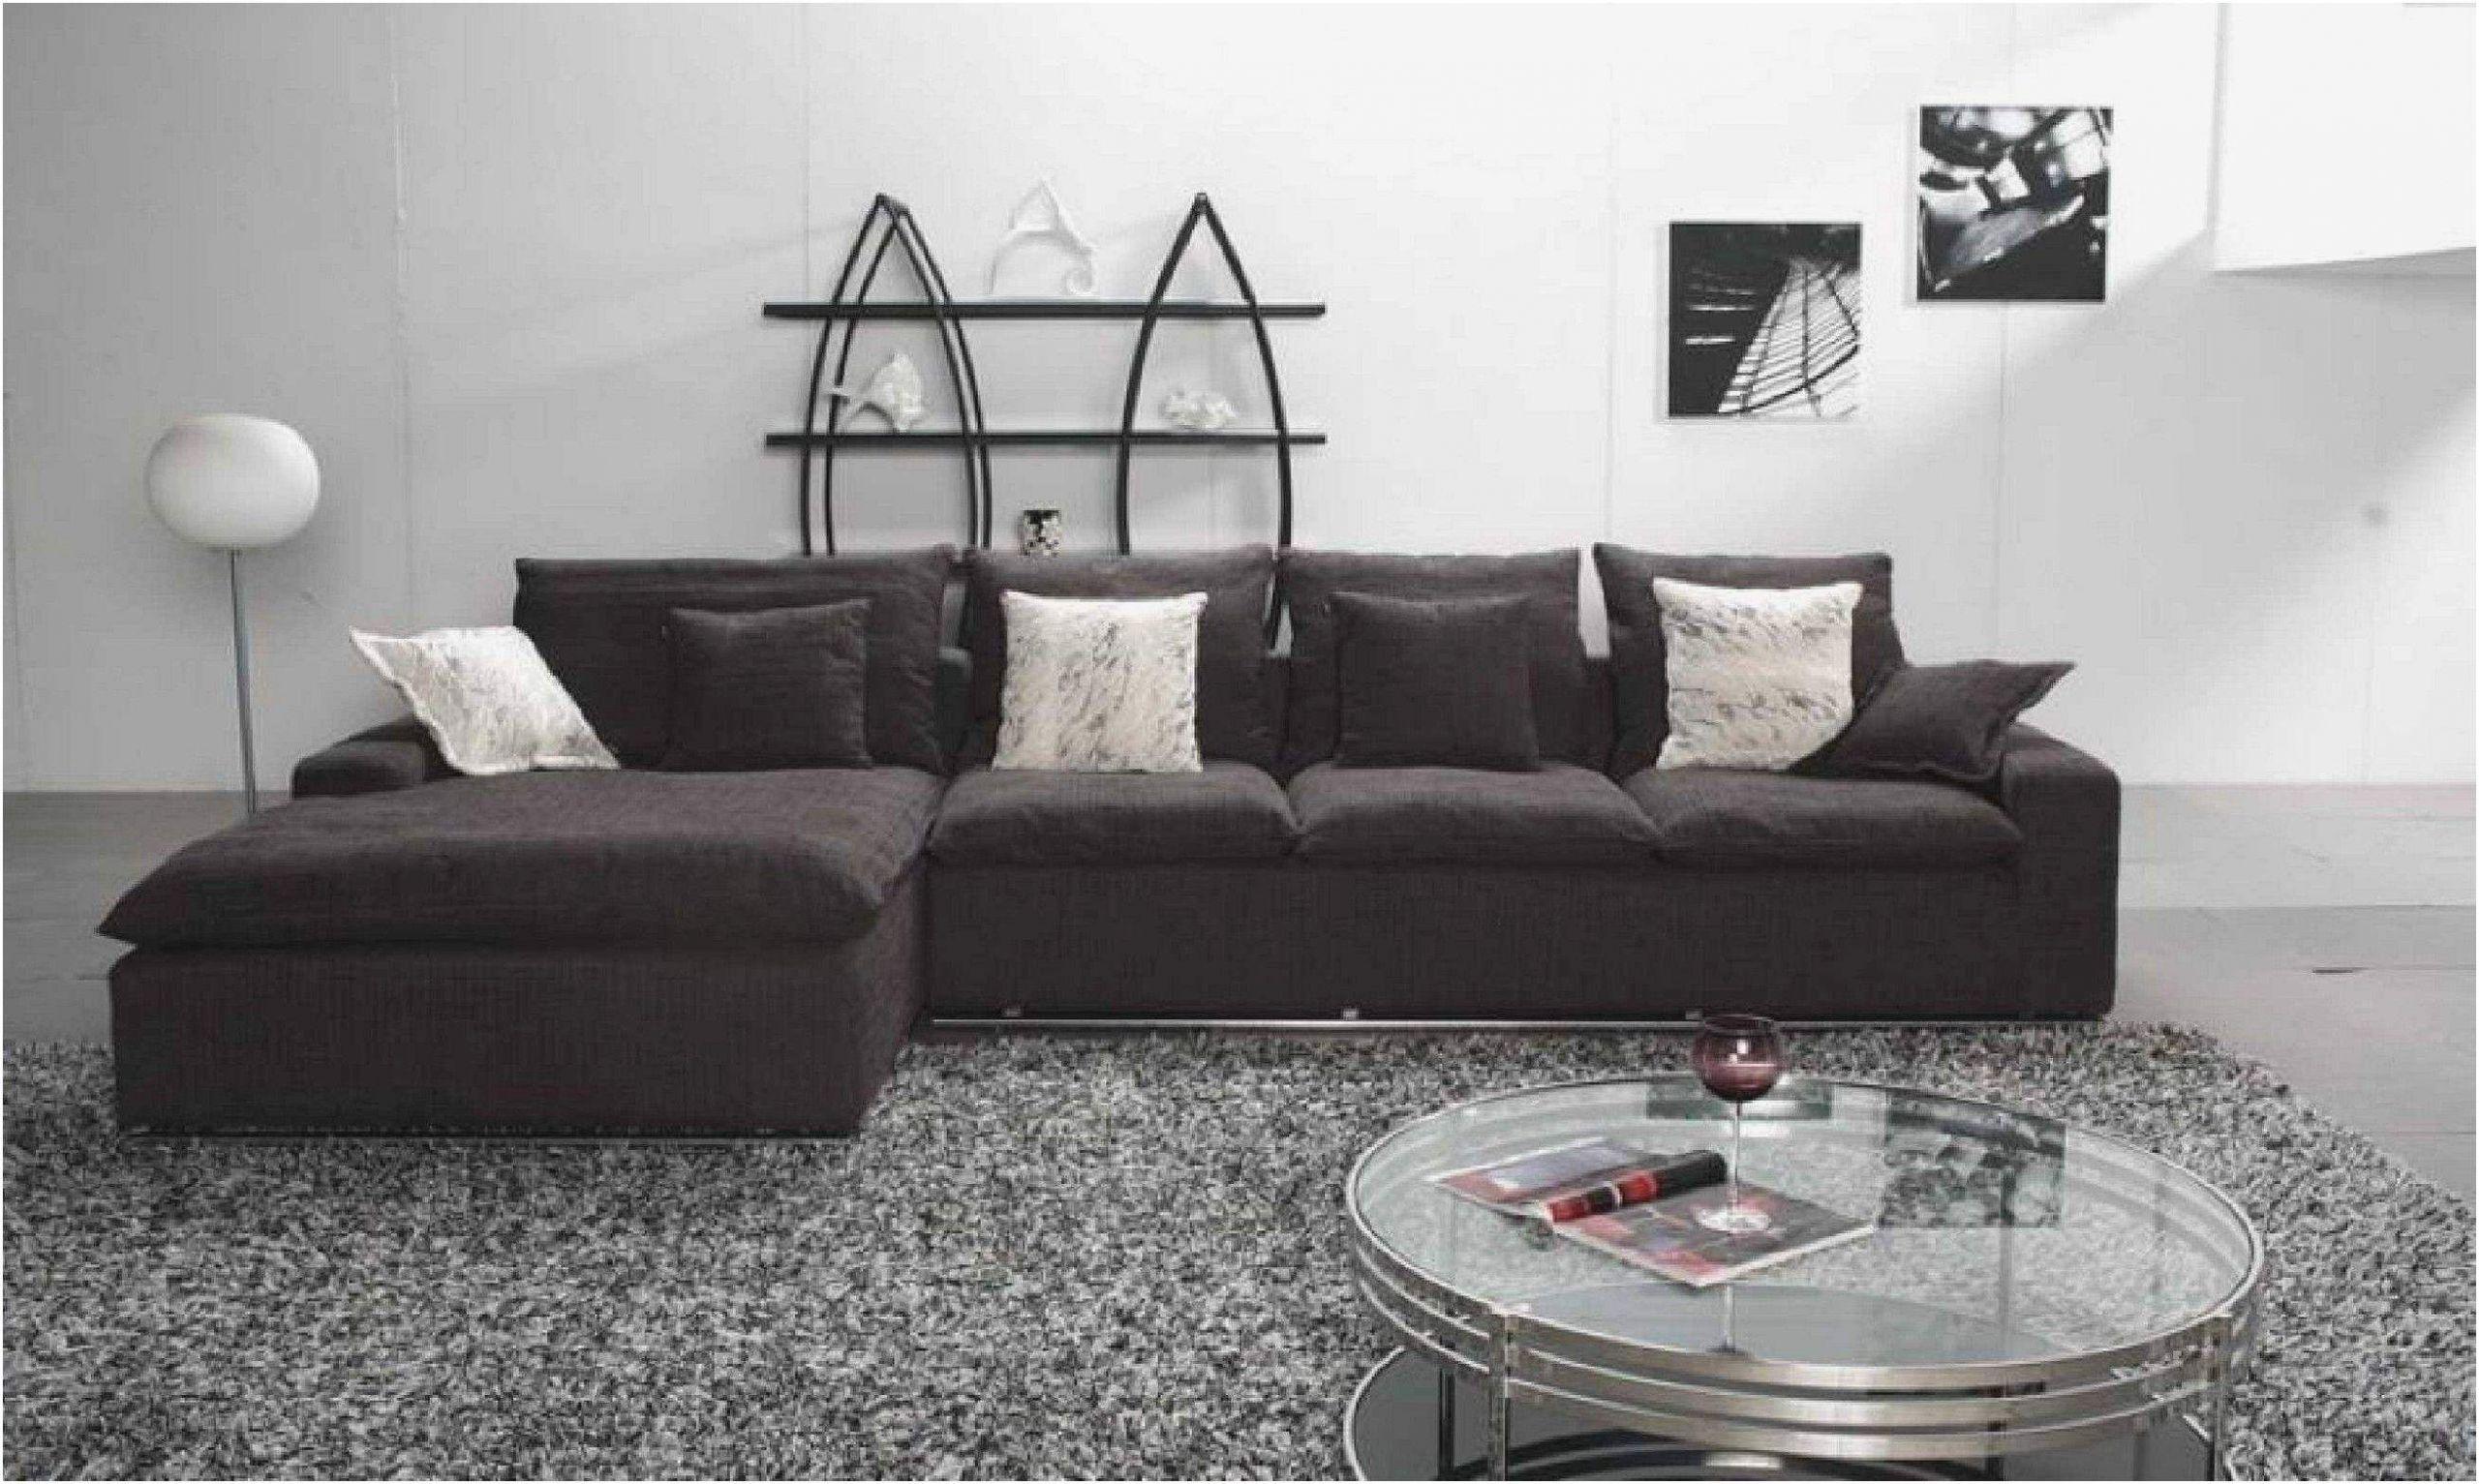 Full Size of Kleines Wohnzimmer Mit Big Sofa Couch Für Kleines Wohnzimmer Sofas Für Kleines Wohnzimmer Leder Sofa Kleines Wohnzimmer Wohnzimmer Sofa Kleines Wohnzimmer